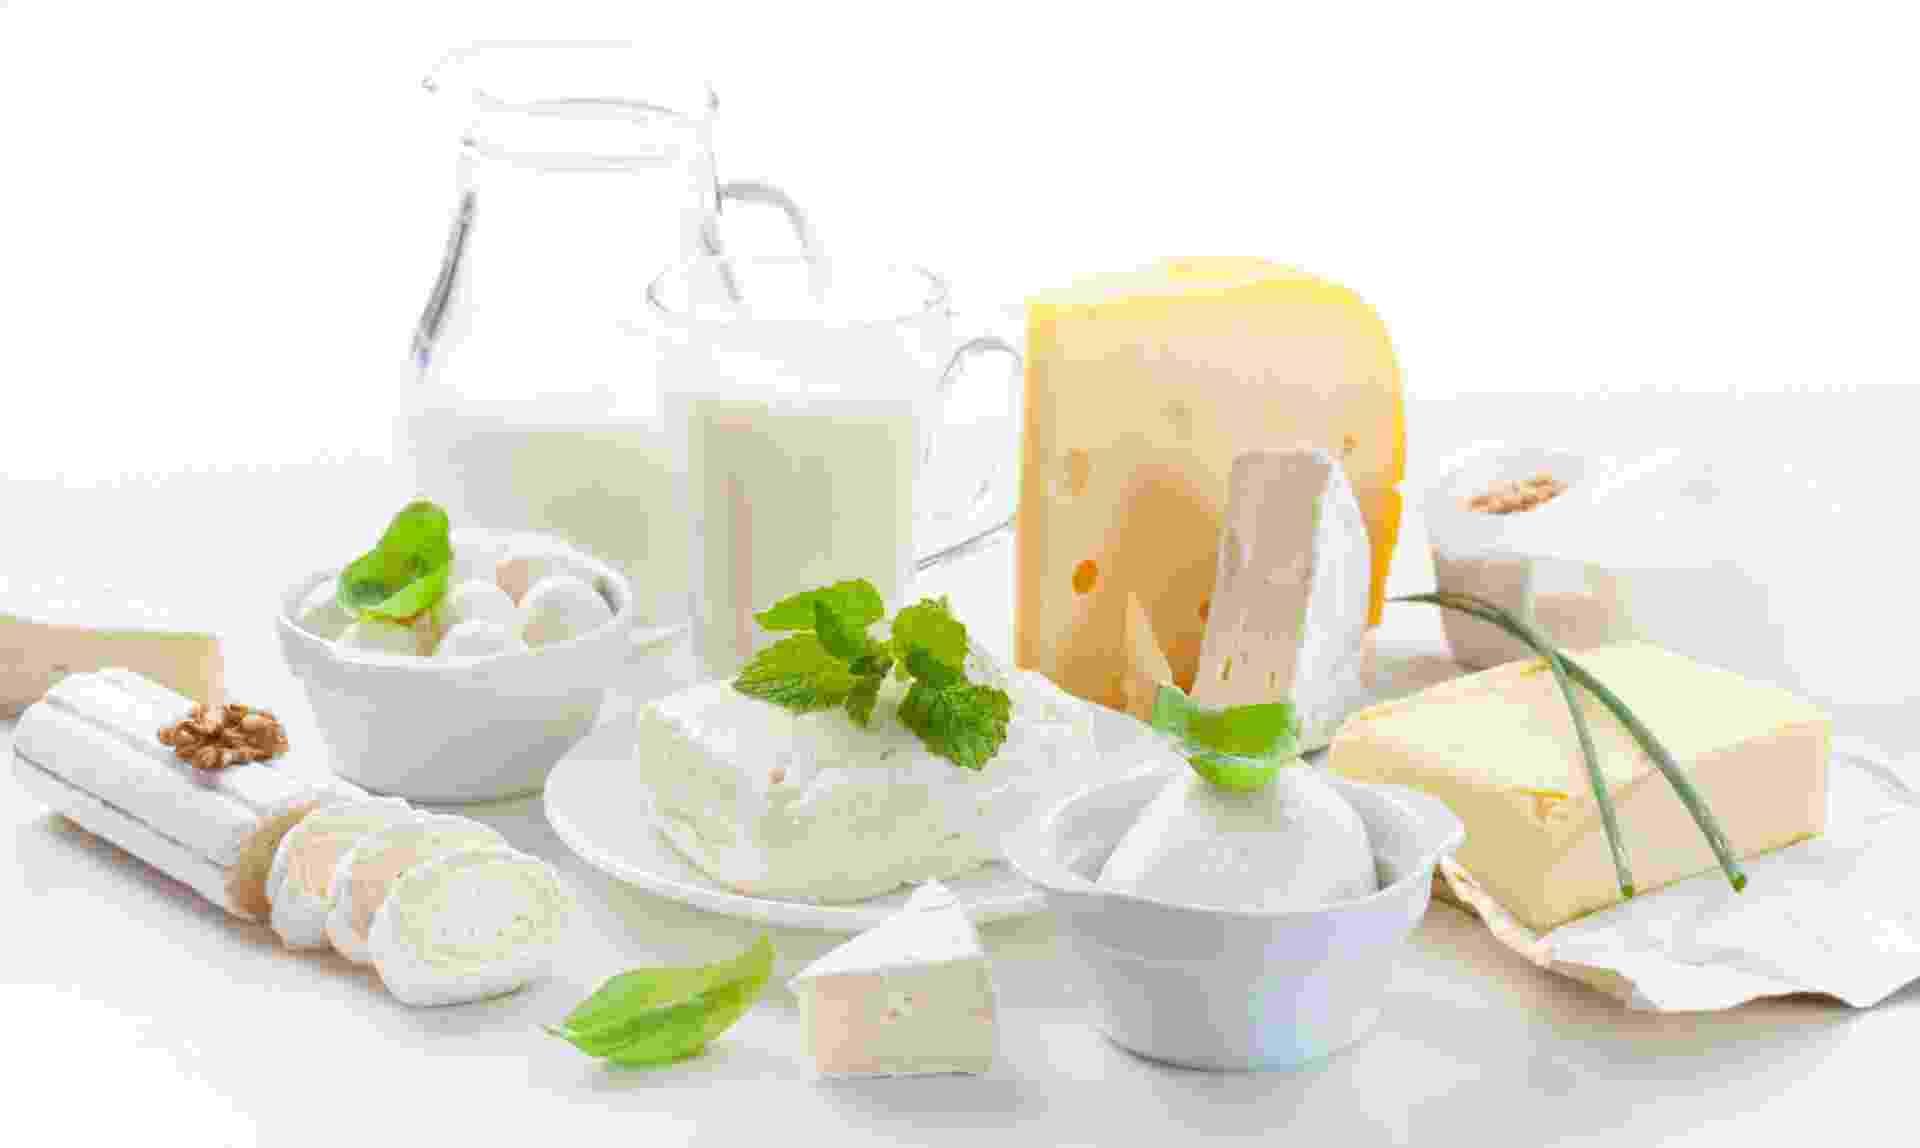 Consumo indicado | Leite e derivados: fornecem cálcio, nutriente que a mulher perde durante a gestação para garantir a formação dos ossos e dos músculos do filh - Thikstock